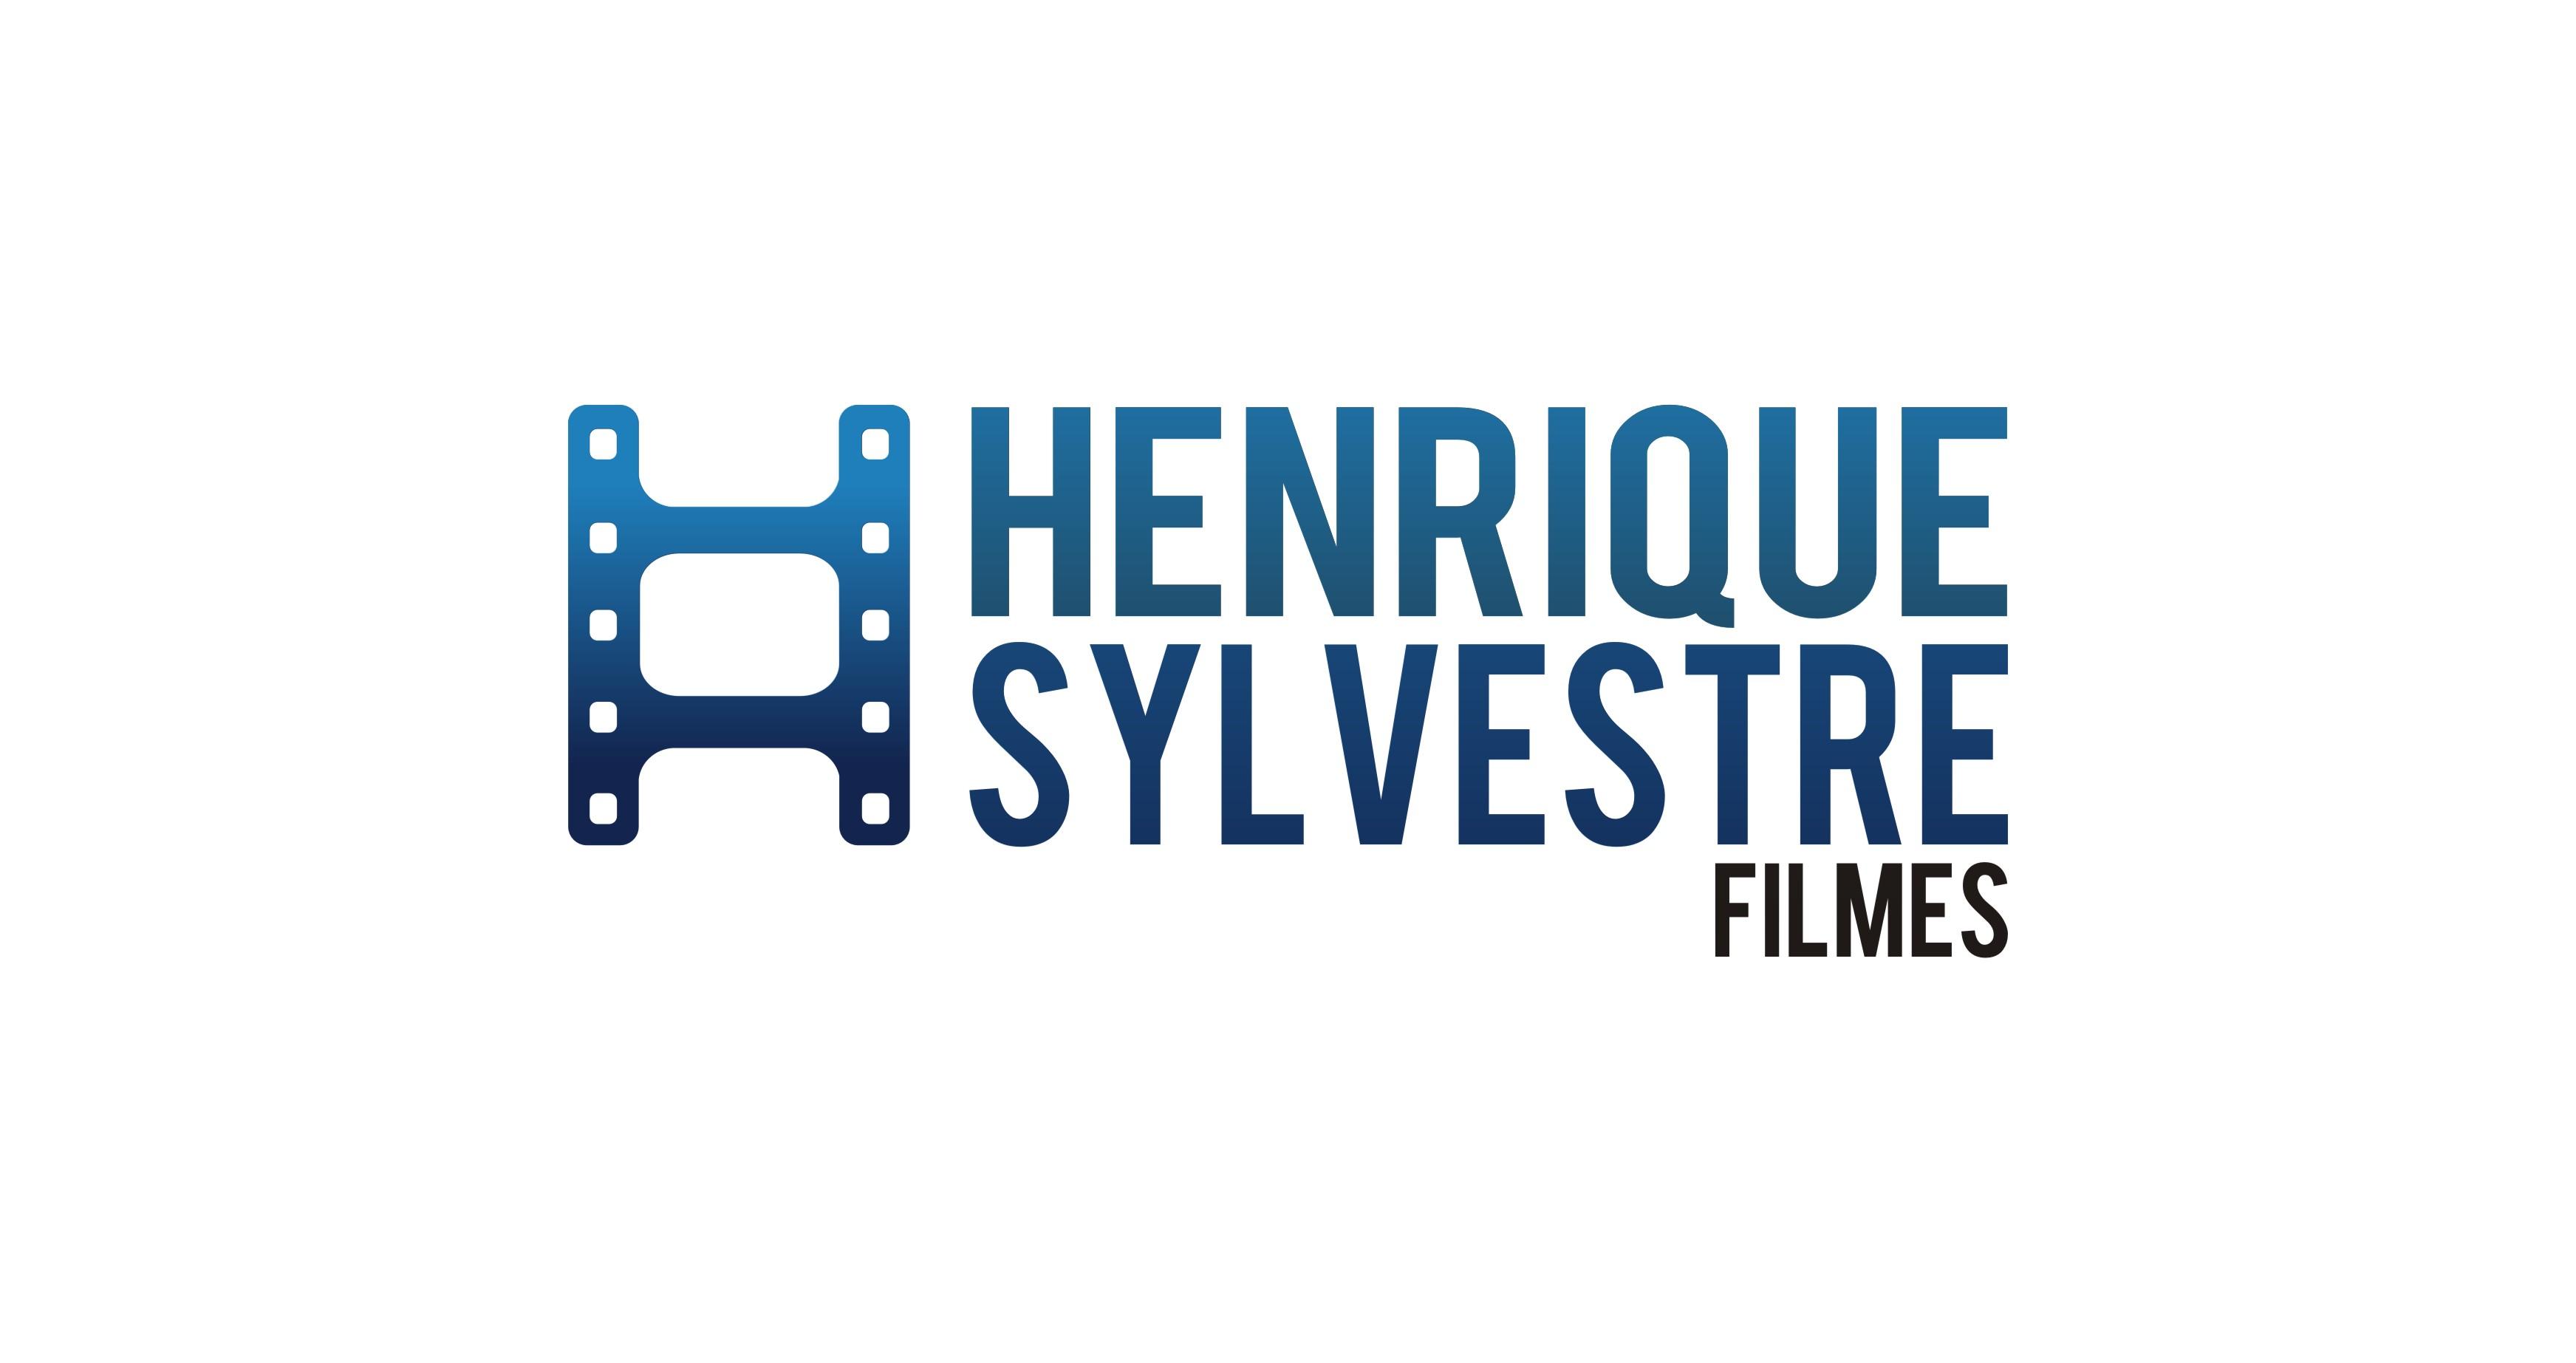 Logotipo de Henrique Sylvestre